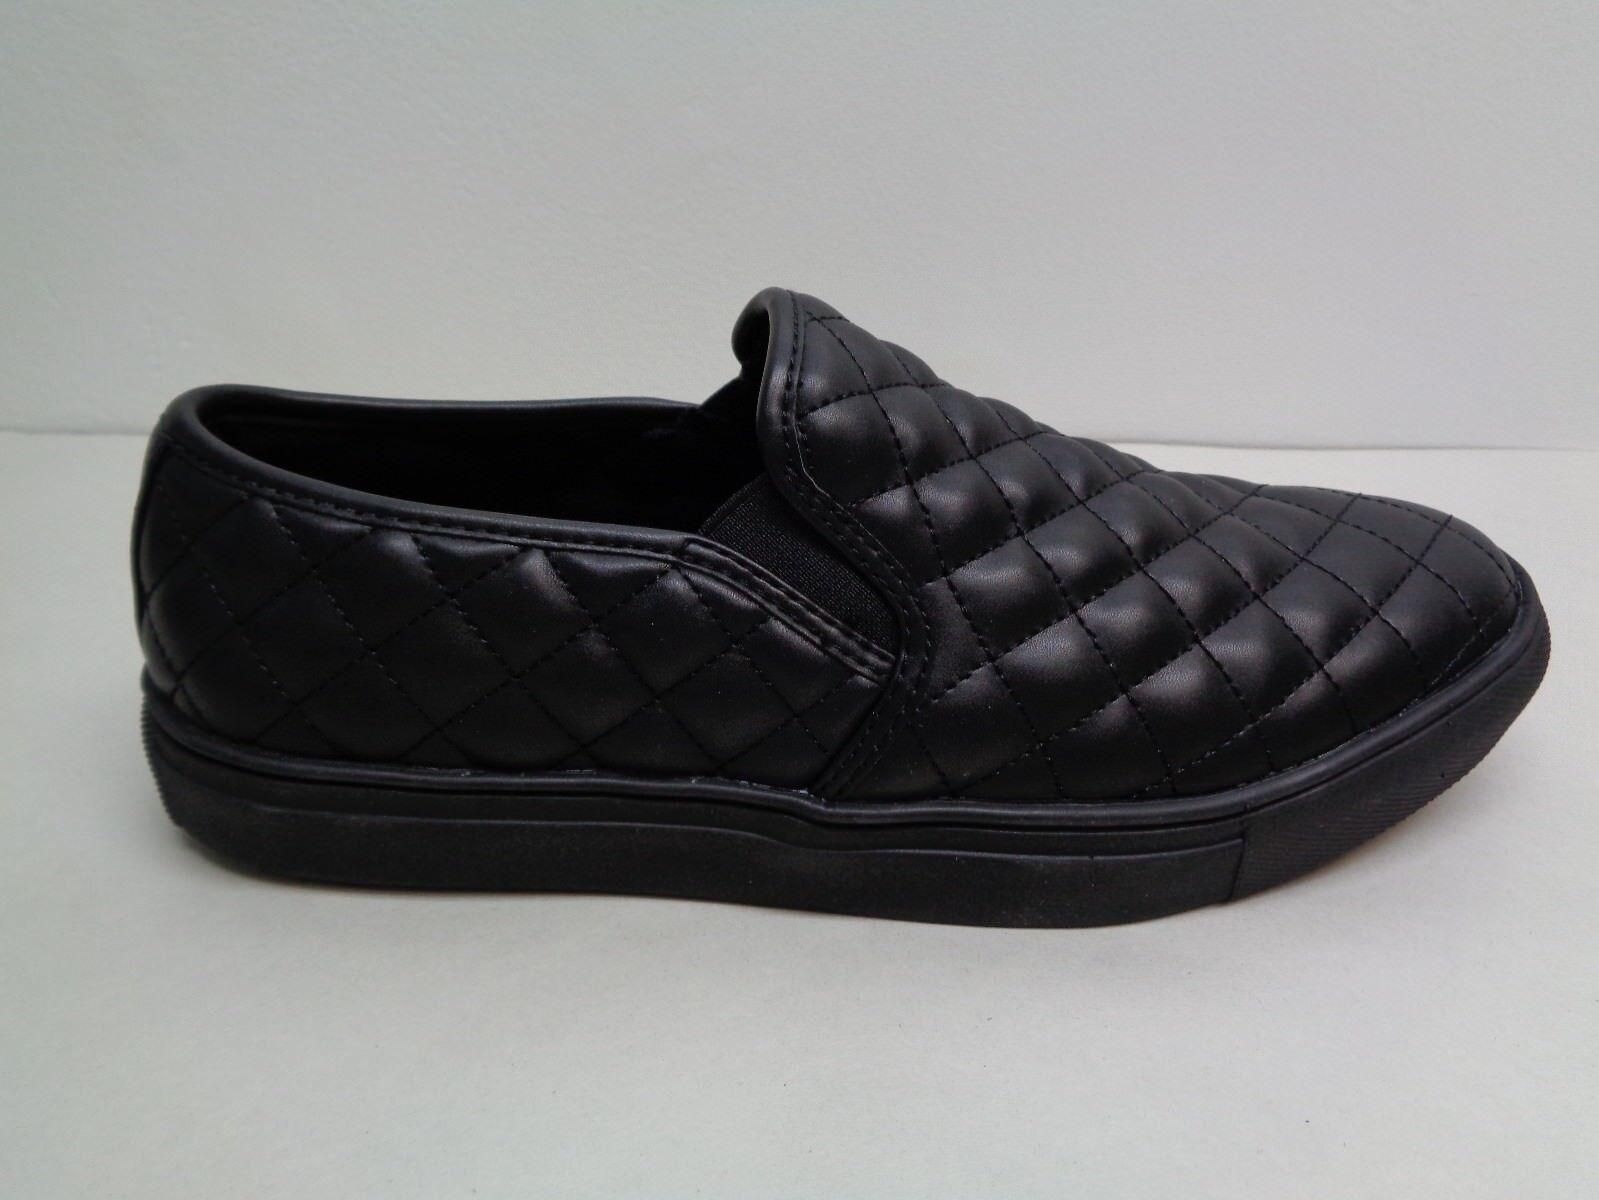 50b228d6e68 Steve Madden Size 8 M Element Black Slip on Loafers SNEAKERS Mens ...